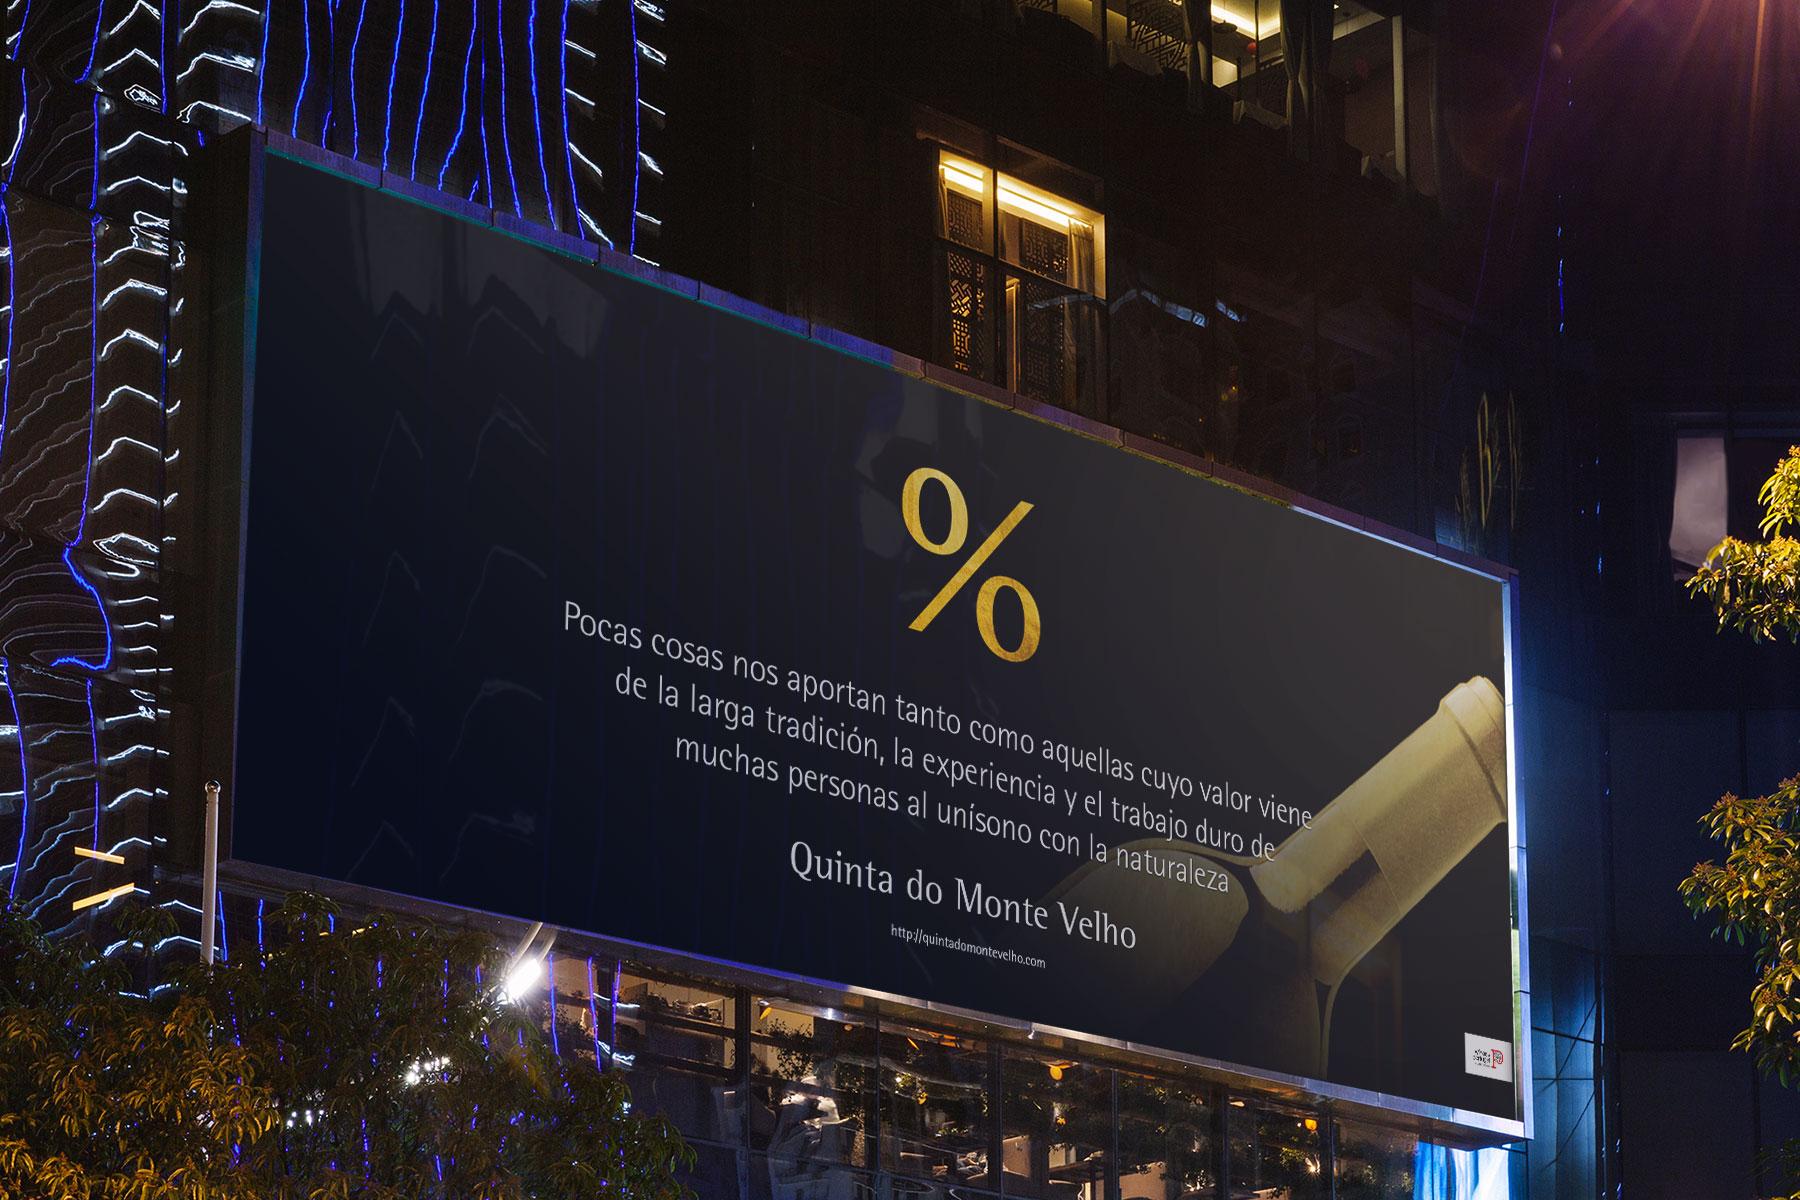 Publicidad Quinta do Monte Velho